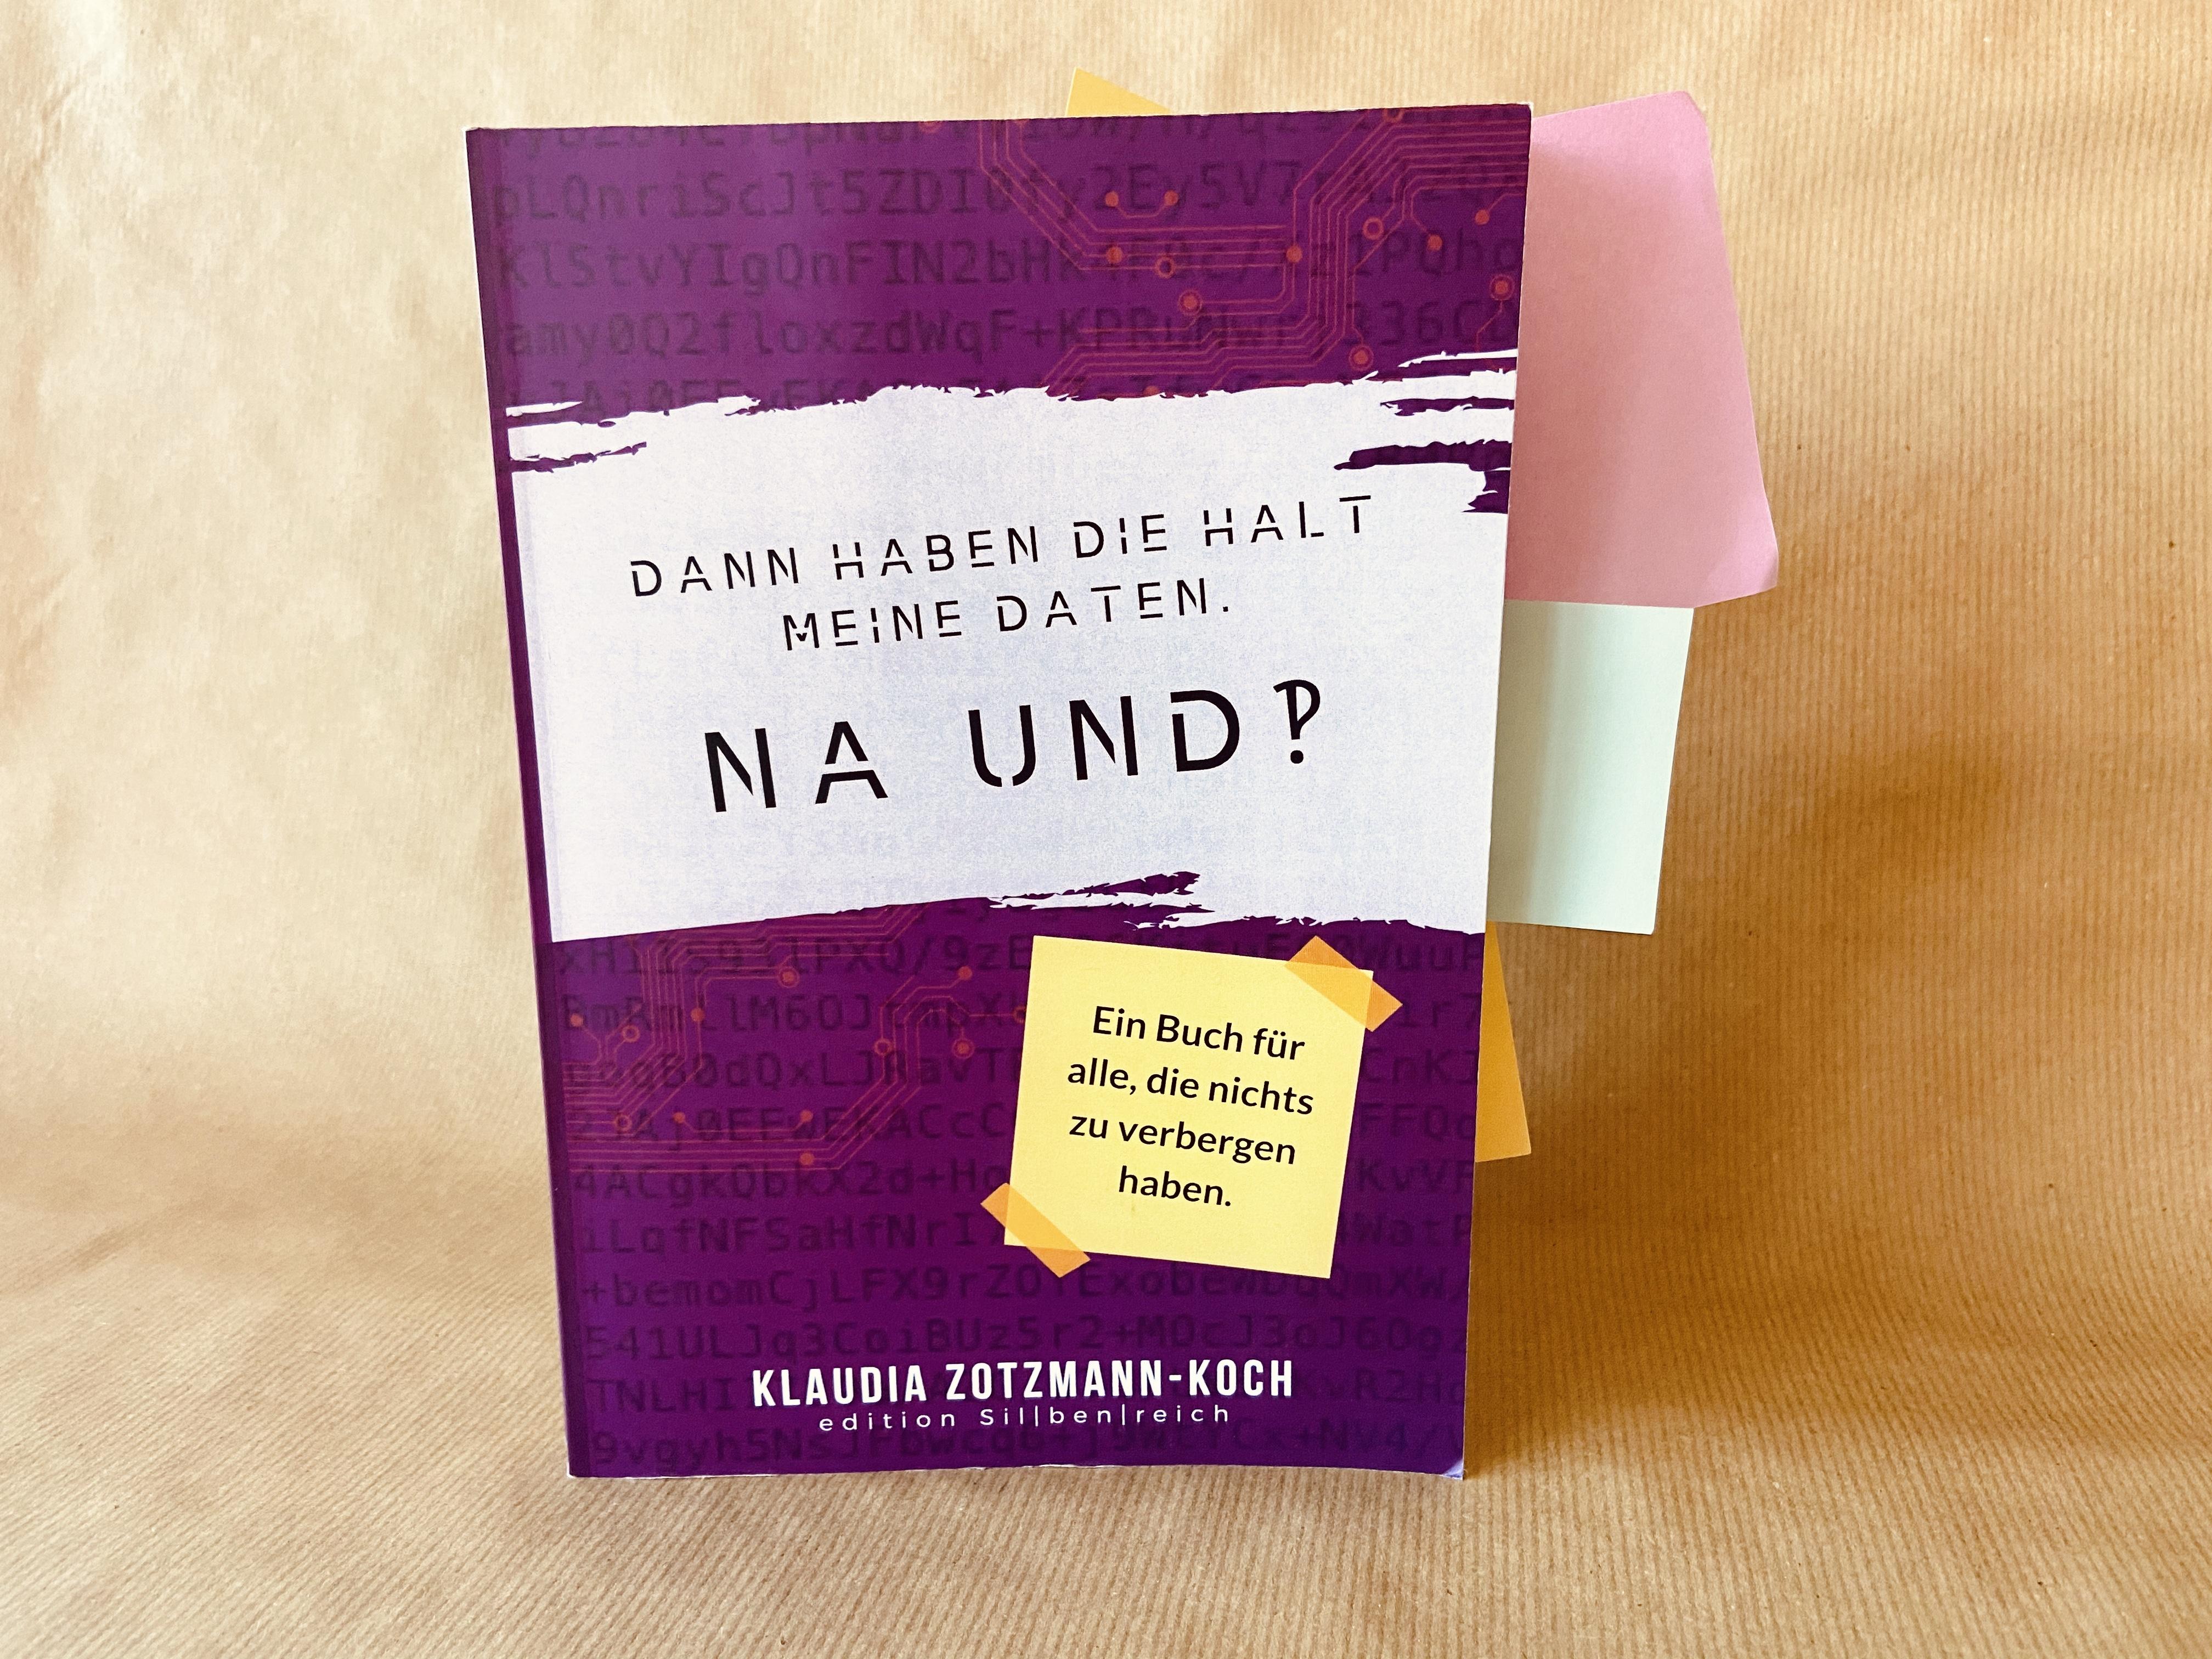 Dann haben die halt meine Daten. Na und? Book by Klaudia Zotzmann Koch